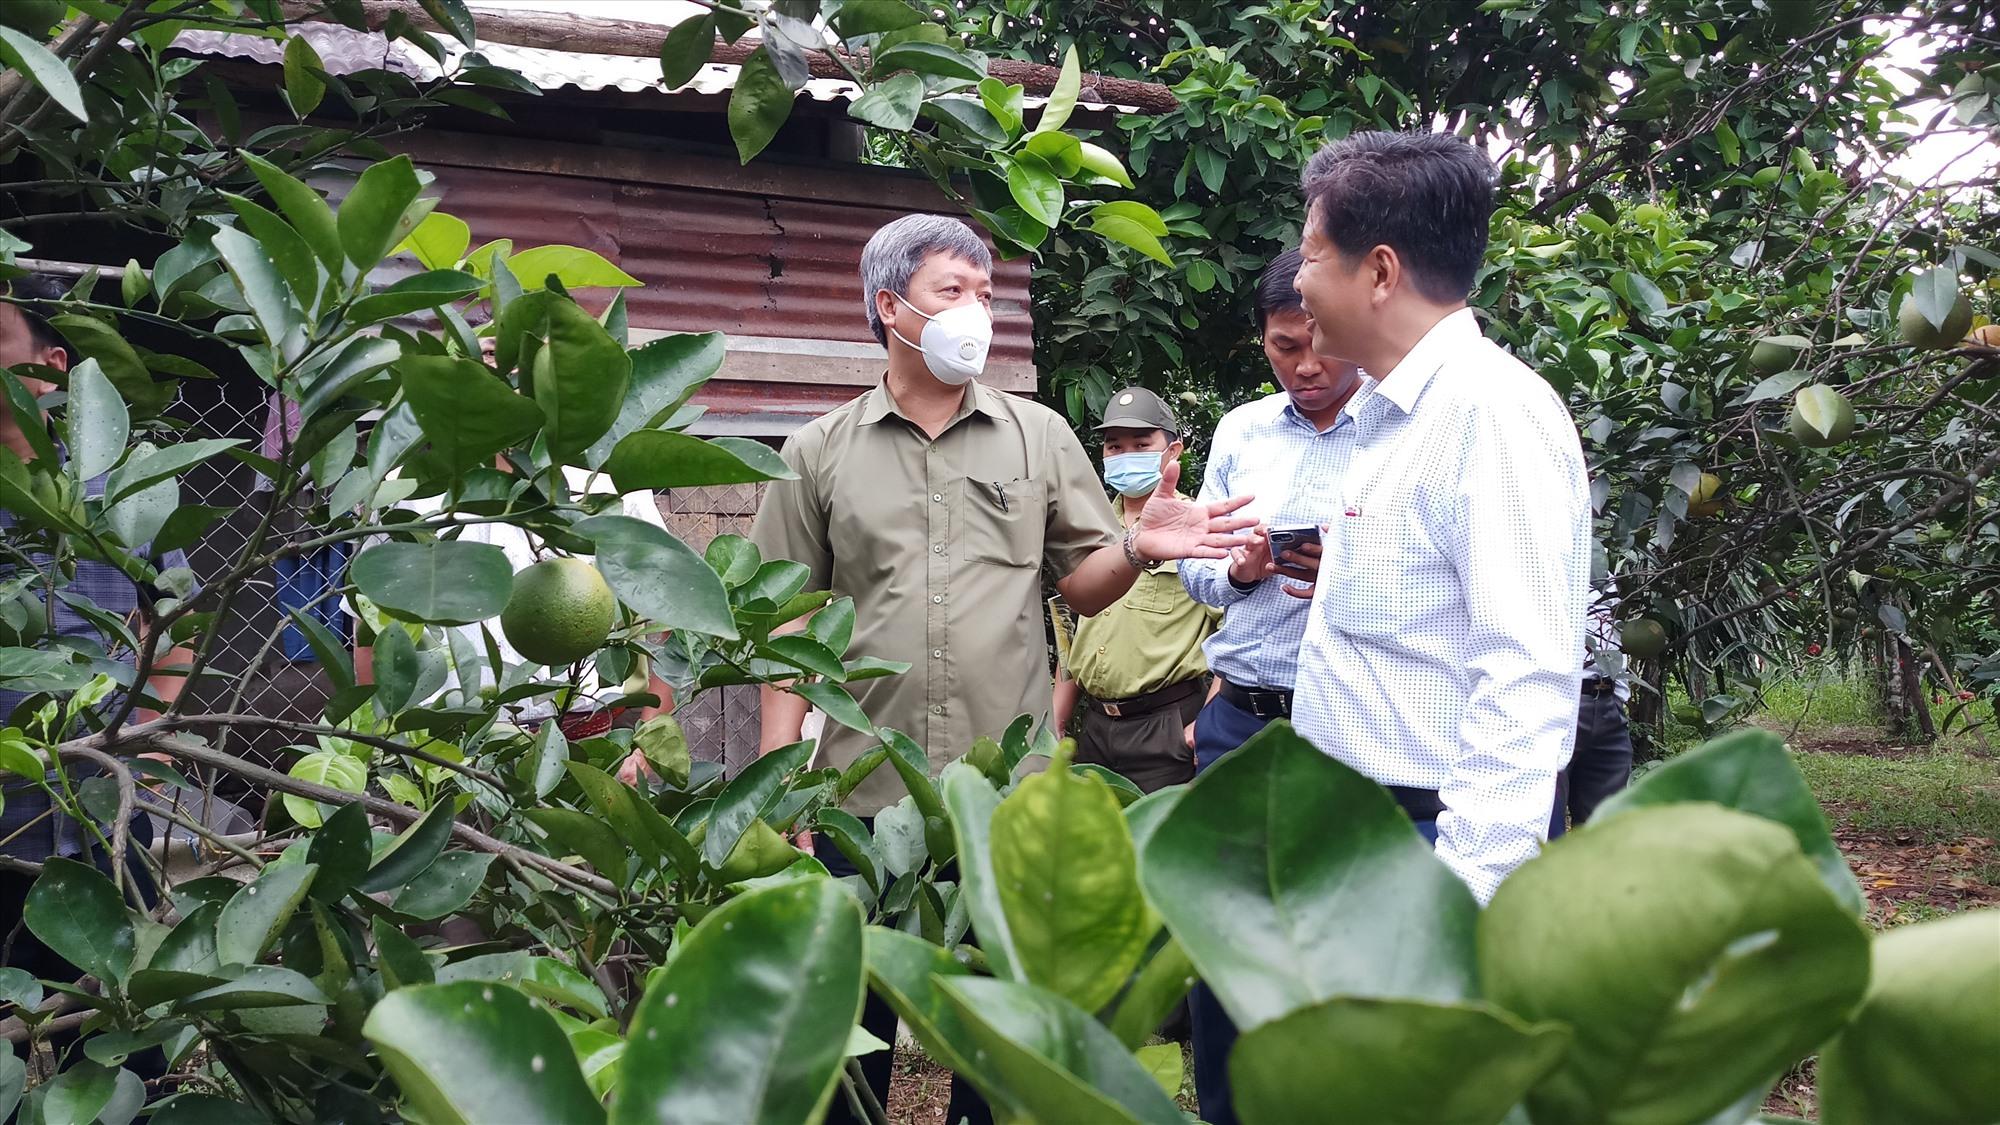 Phó Chủ tịch UBND tỉnh Hồ Quang Bửu kiểm tra mô hình trồng cây ăn quả tại xã Ba. Ảnh: A.N